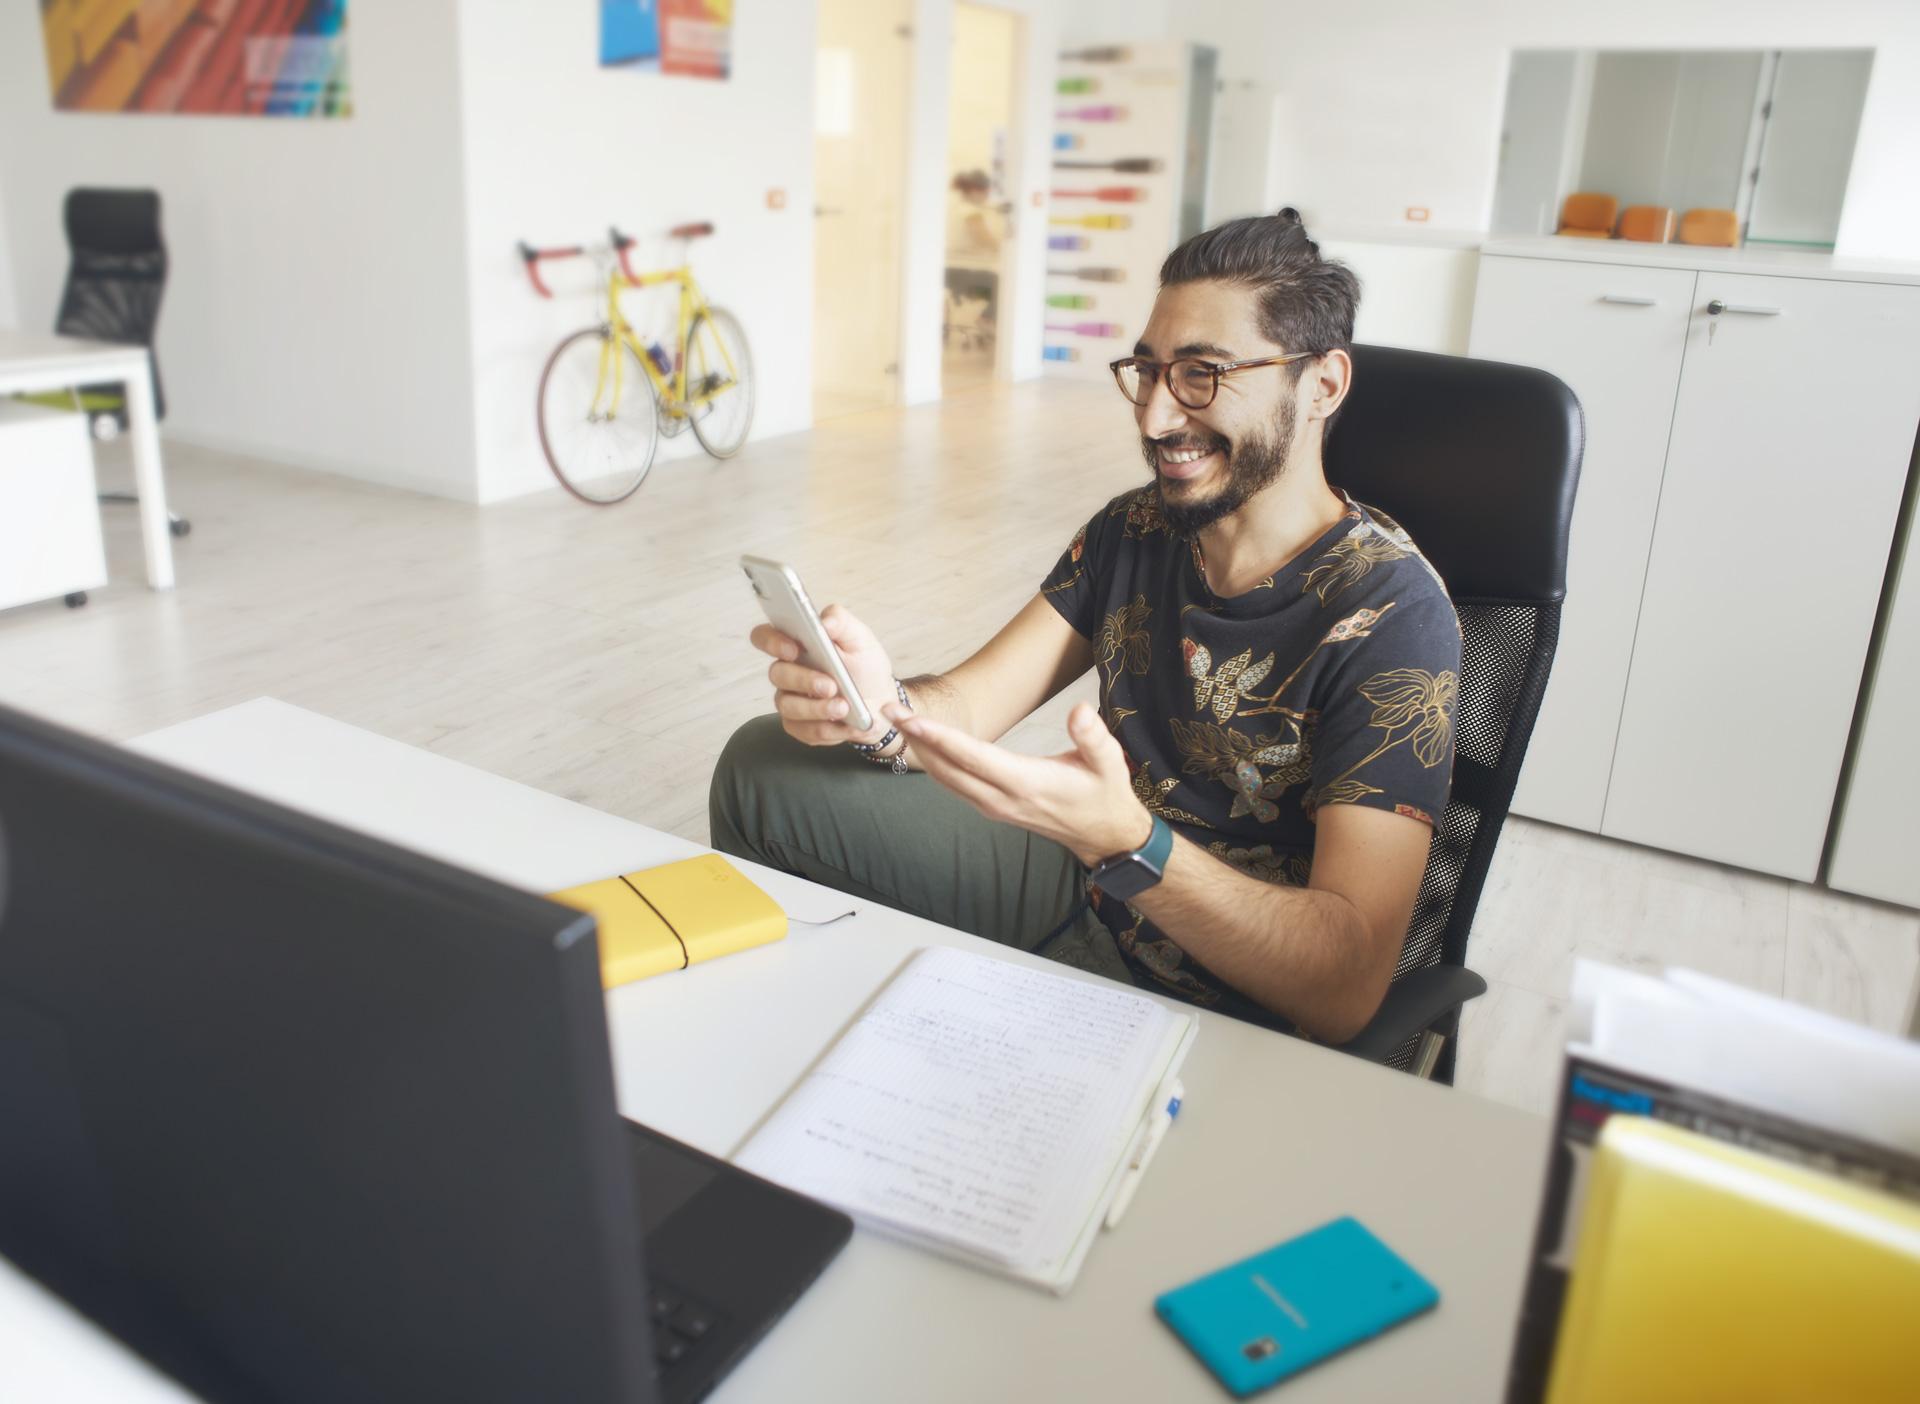 Foto emozionale per la voce Freelance, con ragazzo sorridente con barba e occhiali seduto alla scrivania Freelance | Fabbrica delle Idee | Coworking | Maniago